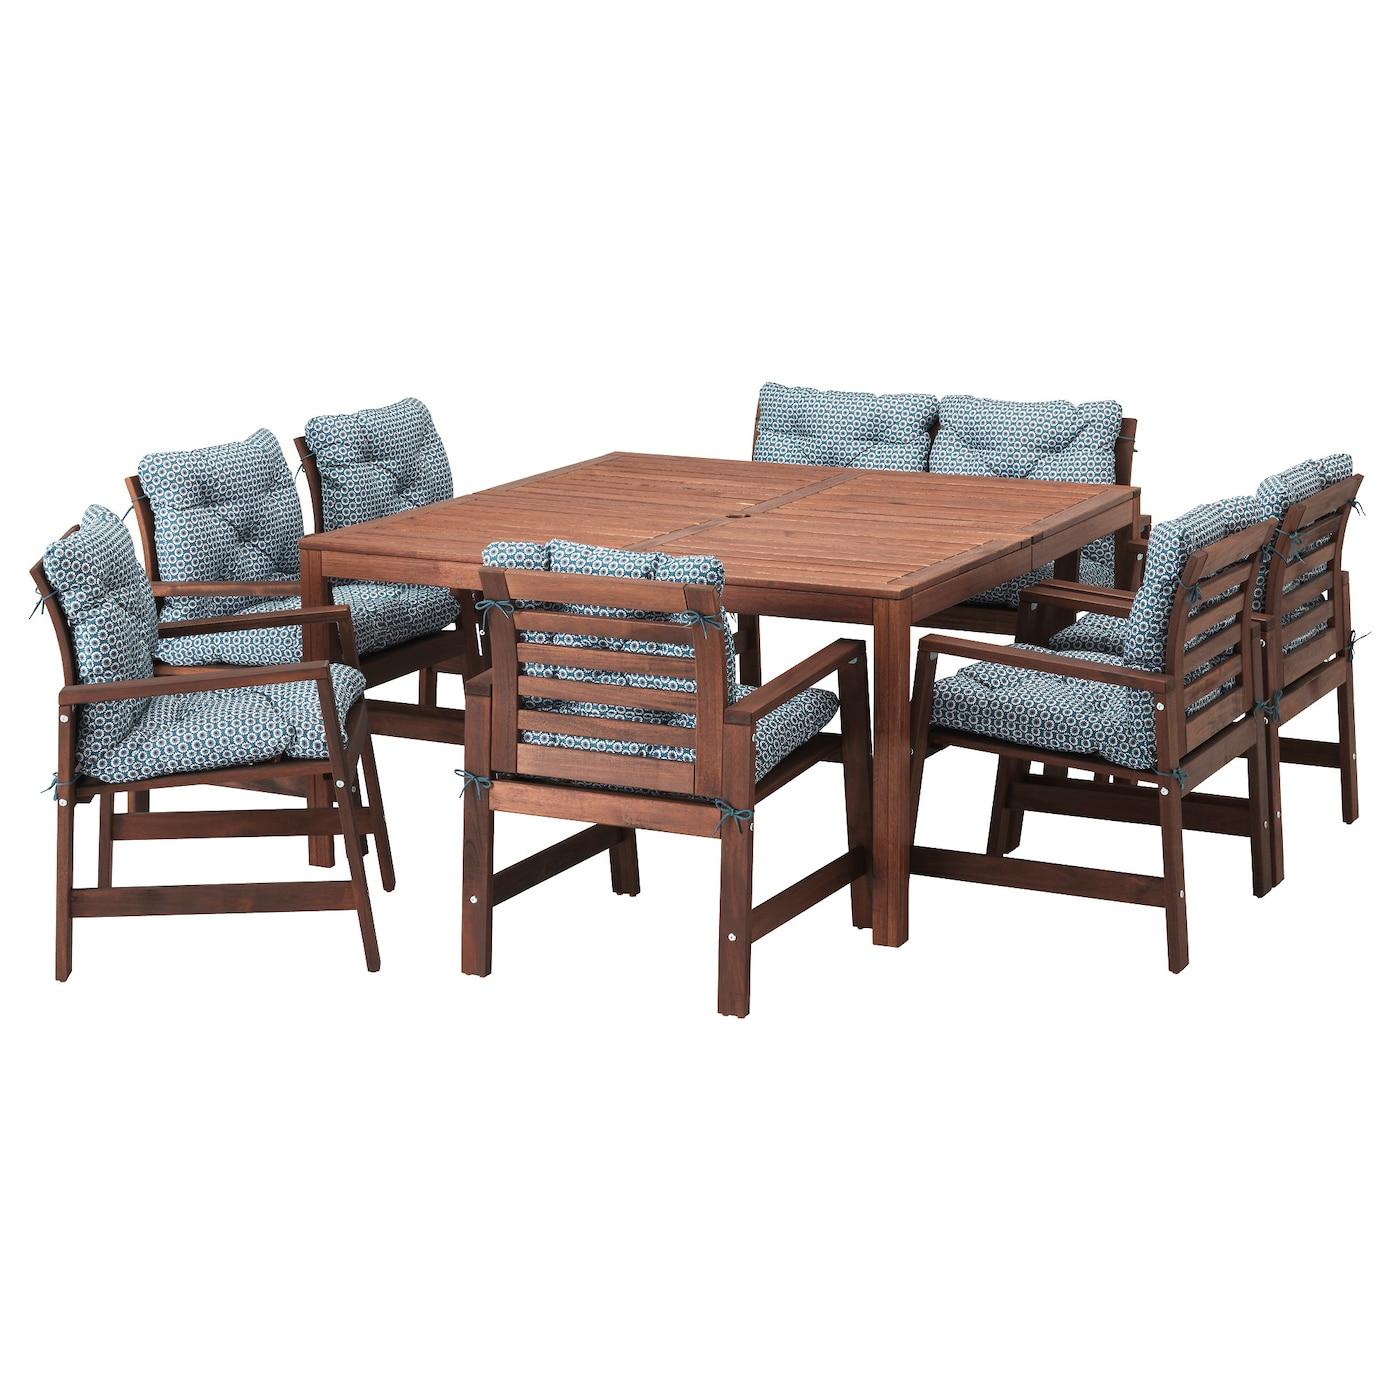 ÄPPLARÖ, Tisch+6 Armlehnstühle+Bank/außen, braun las., blau 691.836.48